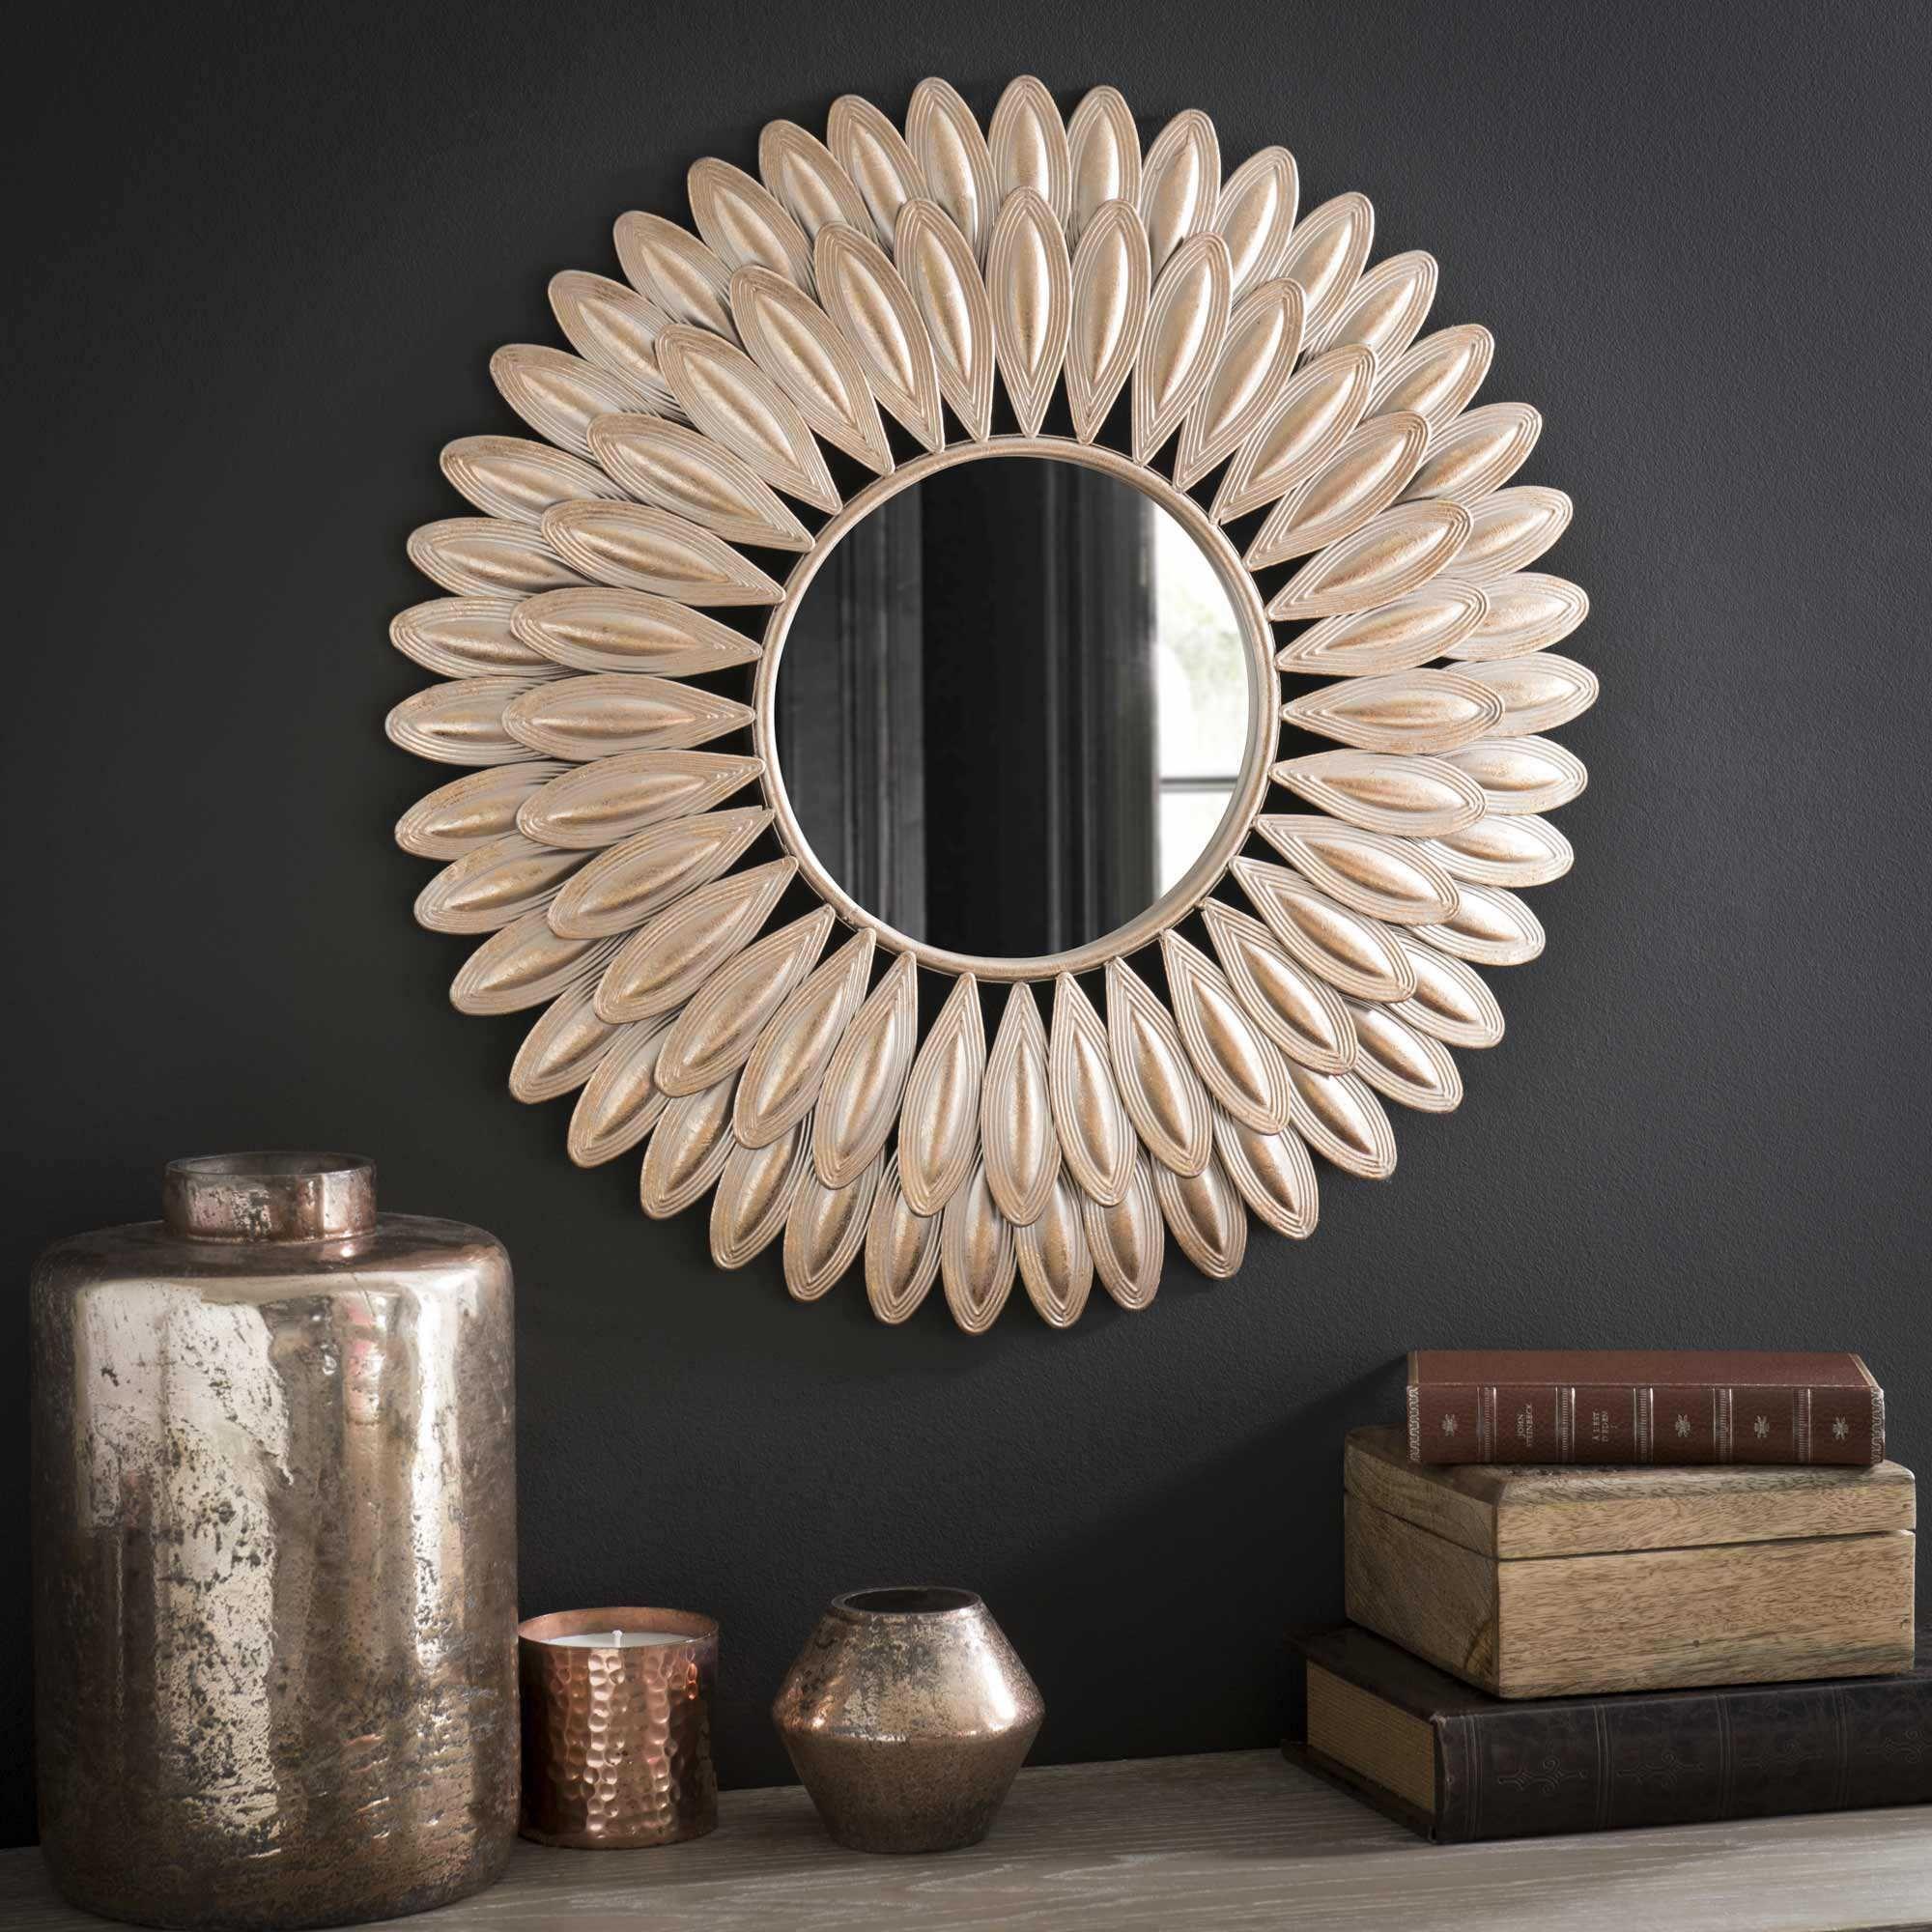 Miroir rond en m tal d 51 cm swahili deco pinterest for Miroir soleil cuivre